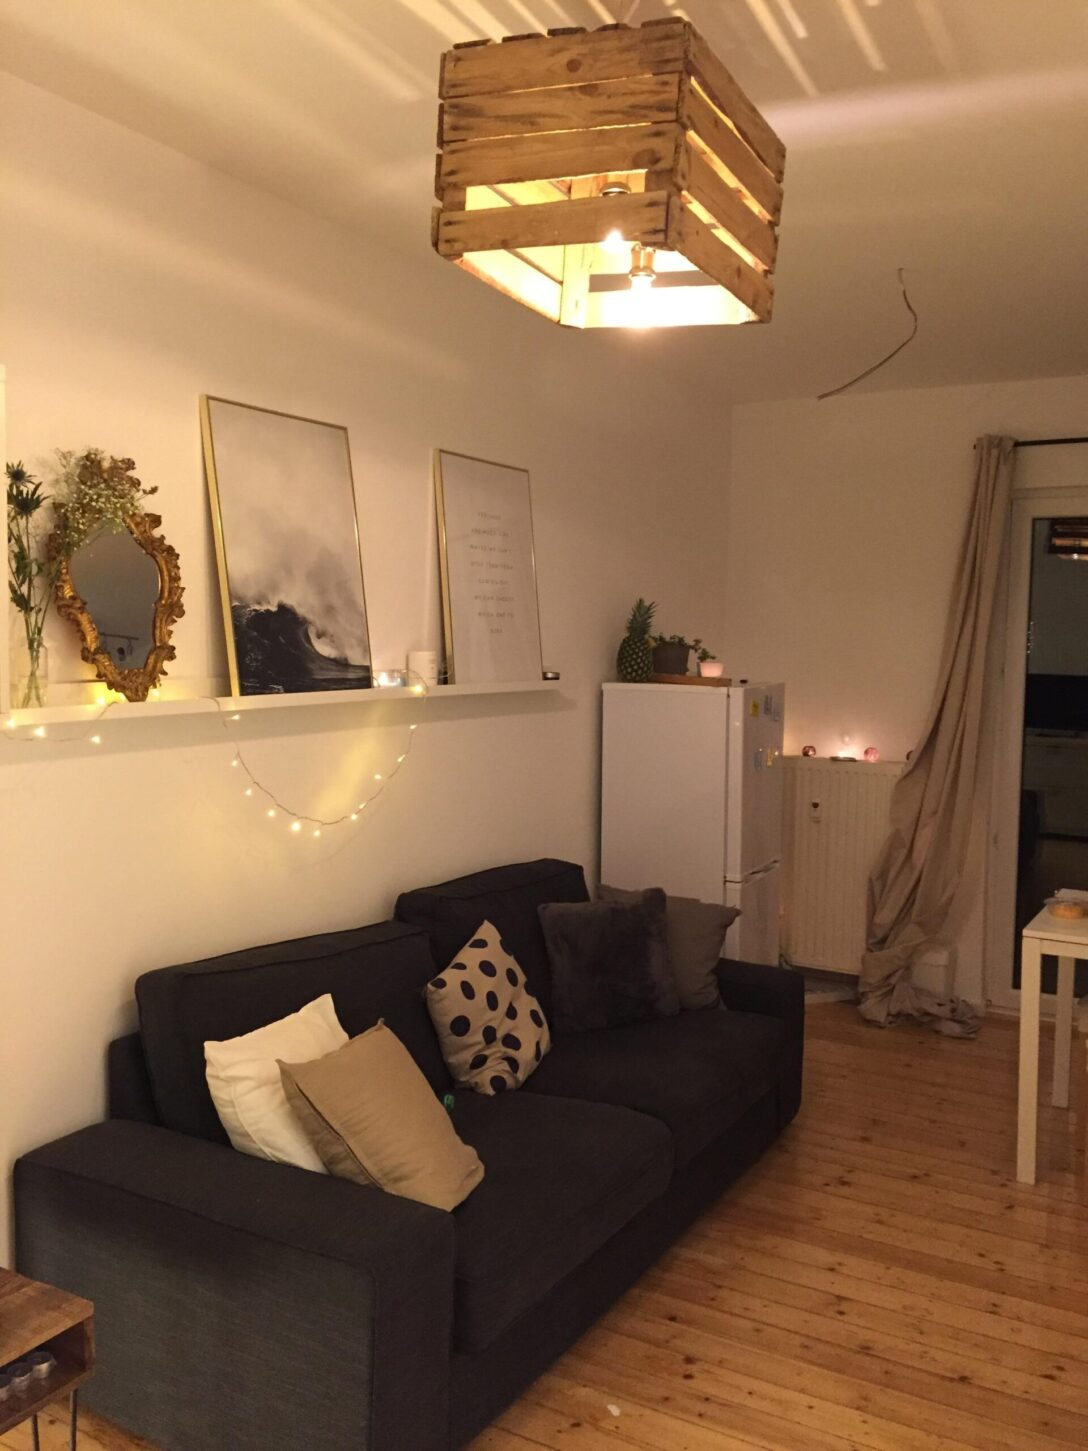 Large Size of Lampen Wohnzimmer Decke Ikea Fr Mit Diy Lampe Desenio Scandi L Led Deckenlampen Sideboard Schrankwand Deckenleuchten Komplett Stehlampe Tisch Indirekte Wohnzimmer Lampen Wohnzimmer Decke Ikea